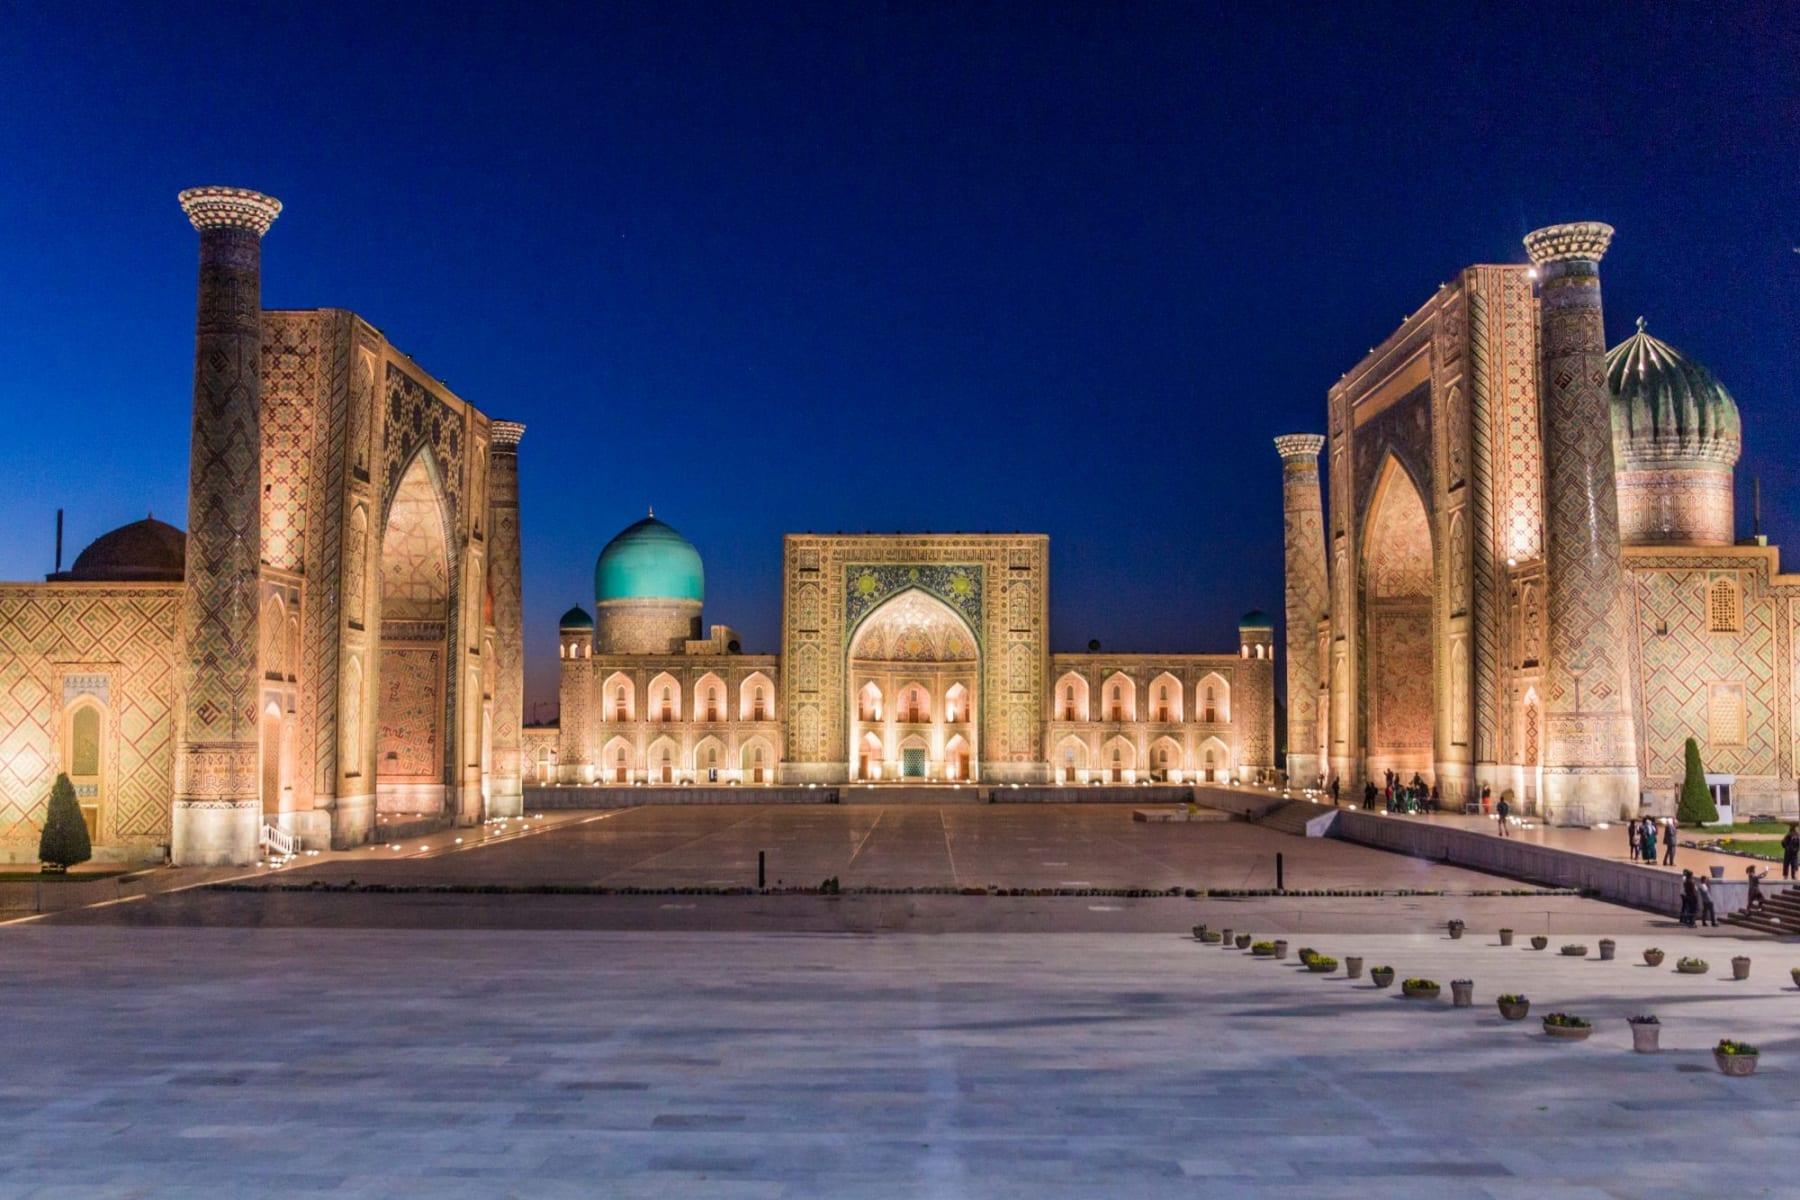 Náměstí Registán v Samarkandu, Uzbekistán